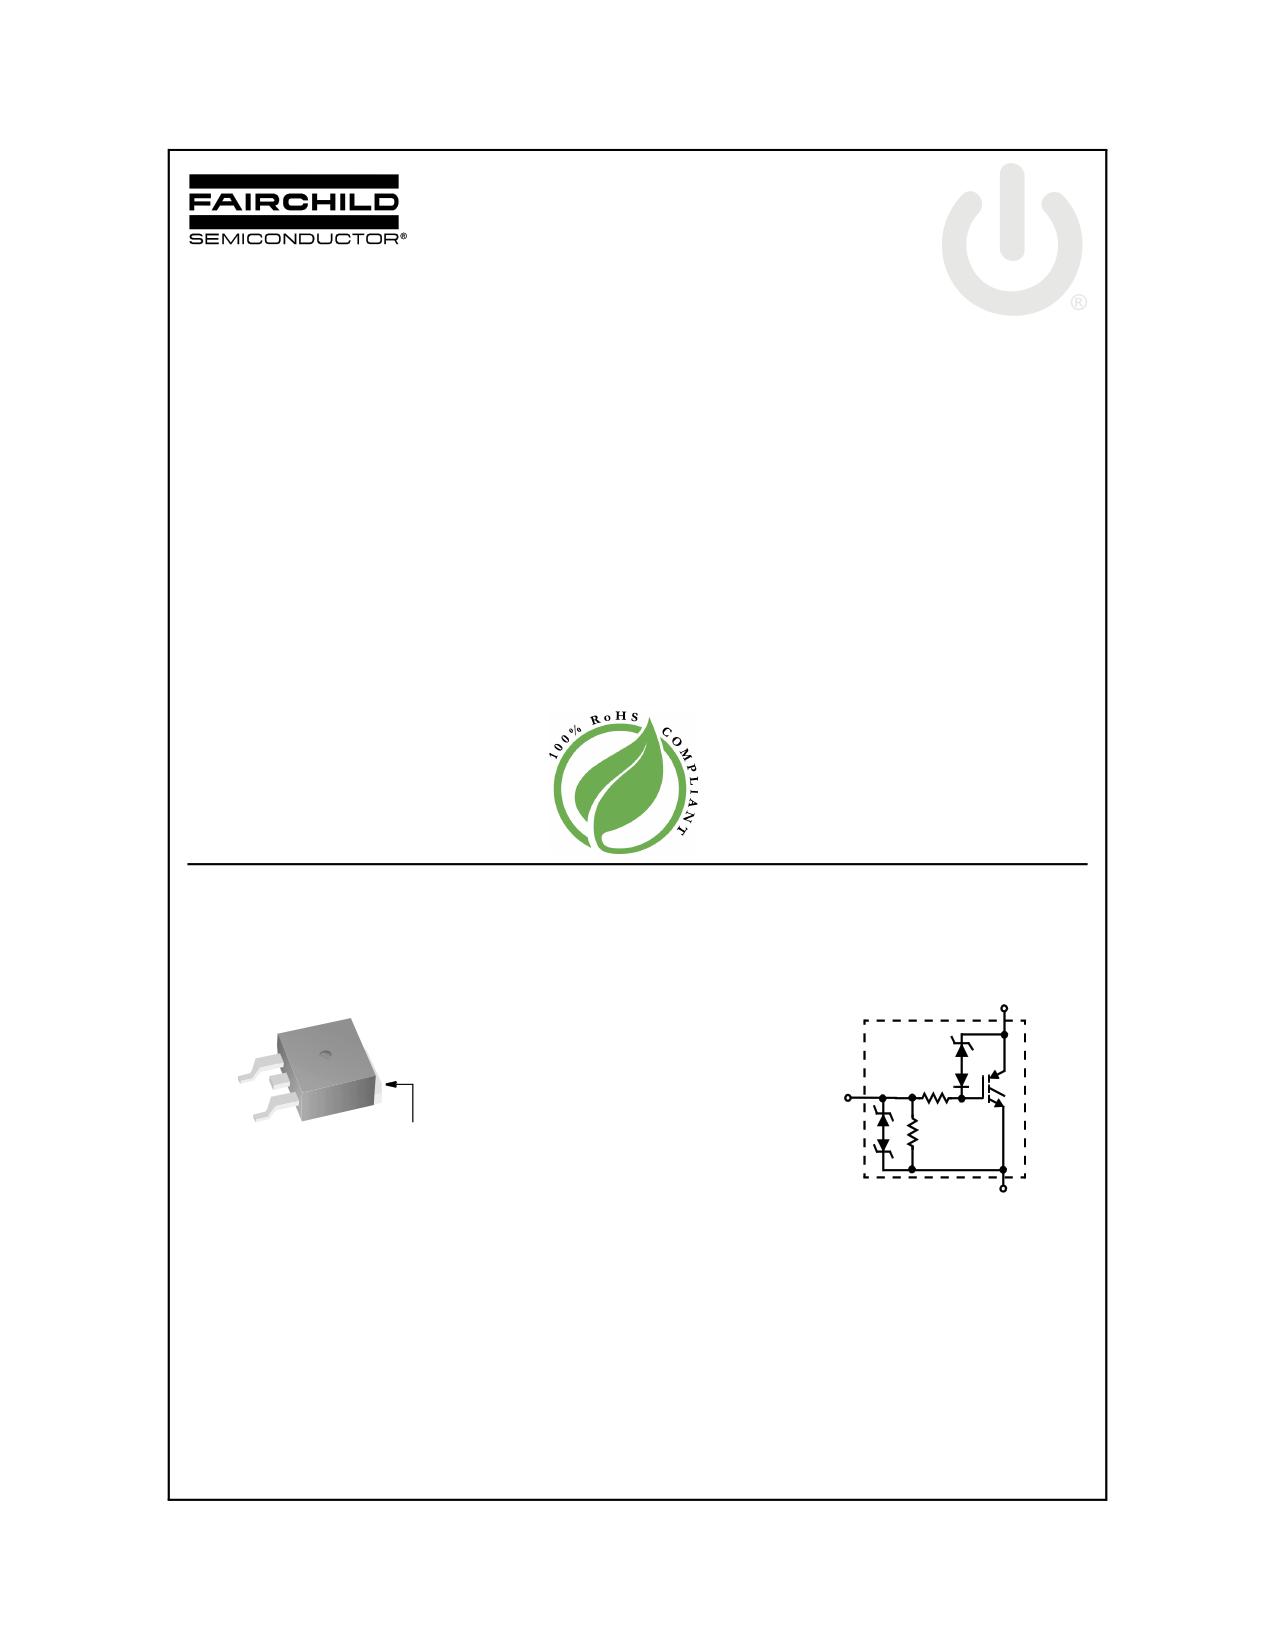 ISL9V2540S3ST 데이터시트 및 ISL9V2540S3ST PDF